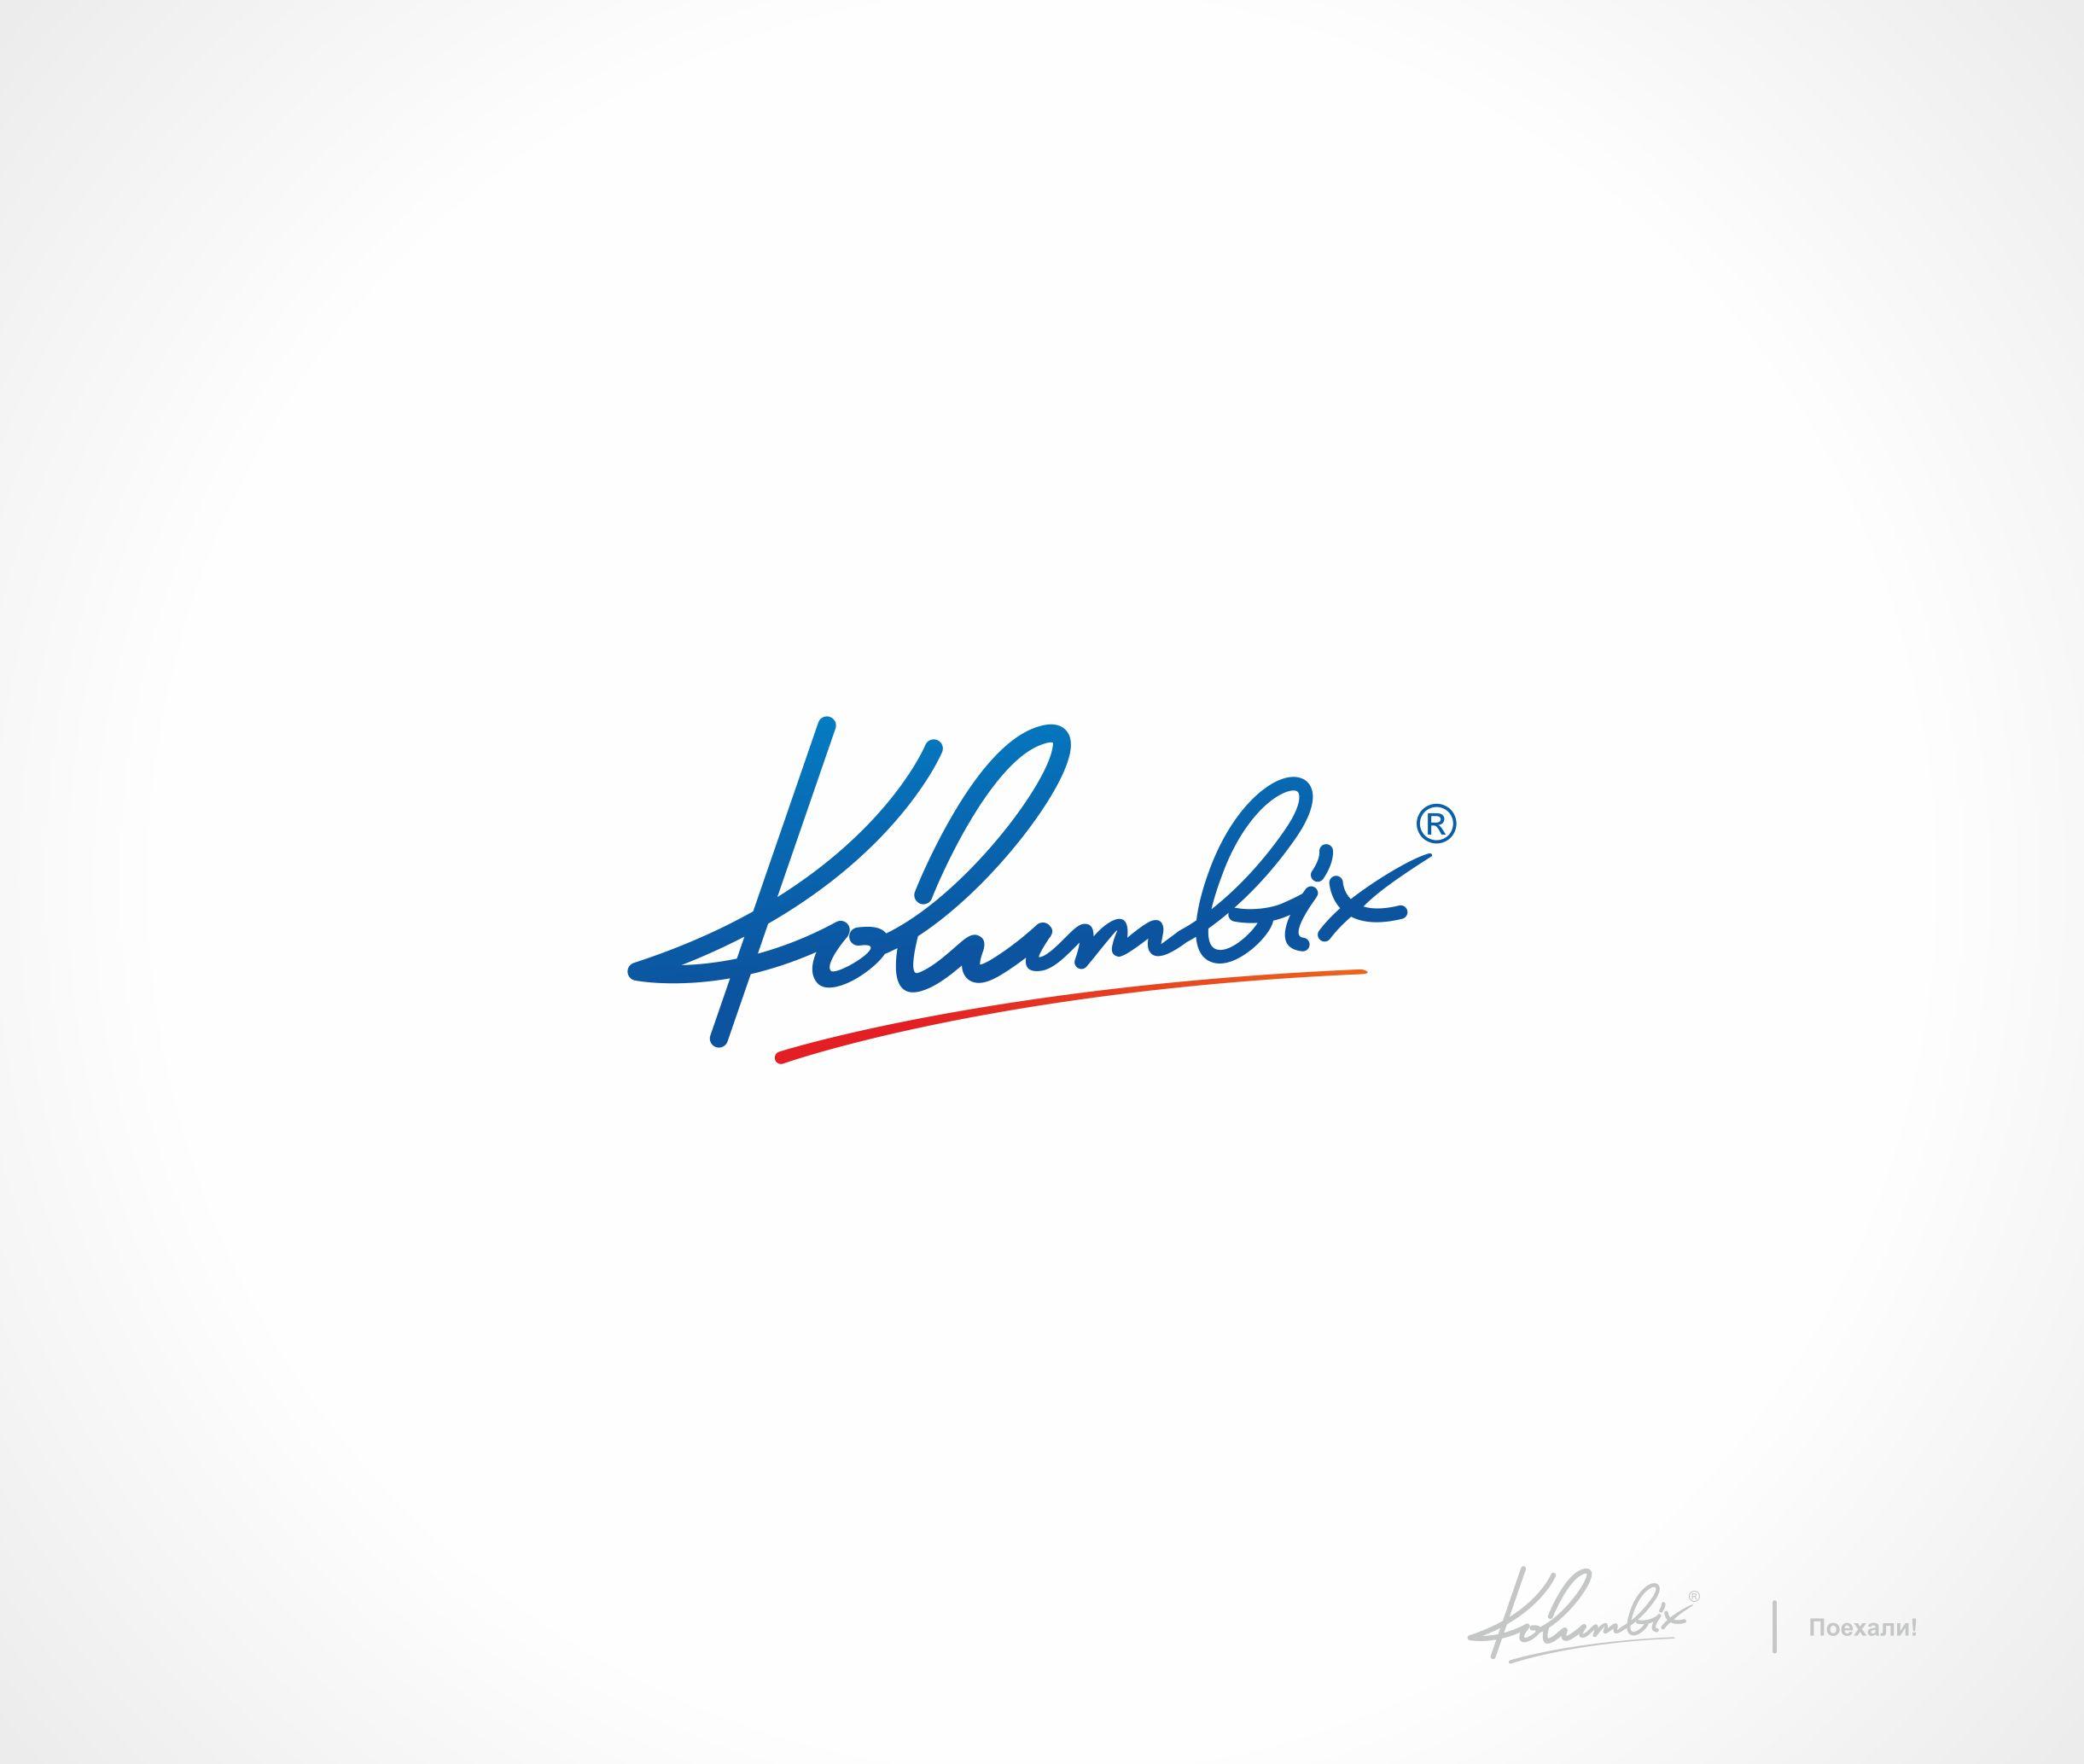 Создание логотипа для туристической фирмы Kolumbix фото f_4fb9199d80907.jpg